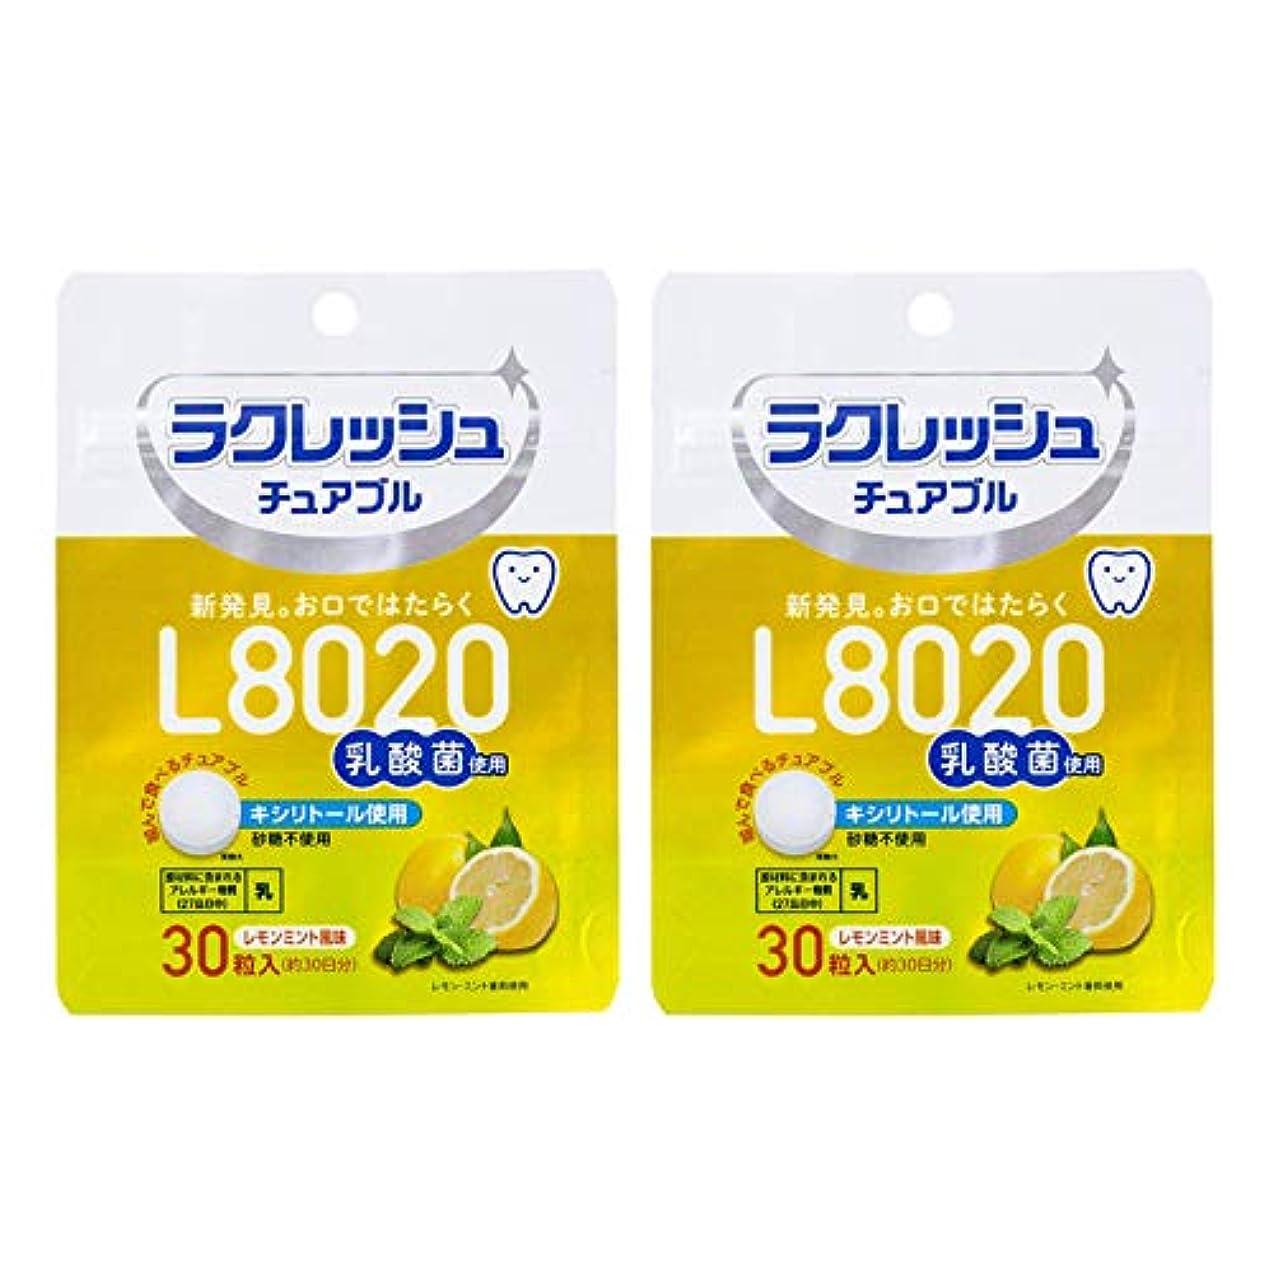 艶曇ったライラックラクレッシュ L8020 乳酸菌 チュアブル レモンミント風味 オーラルケア 30粒入×2袋